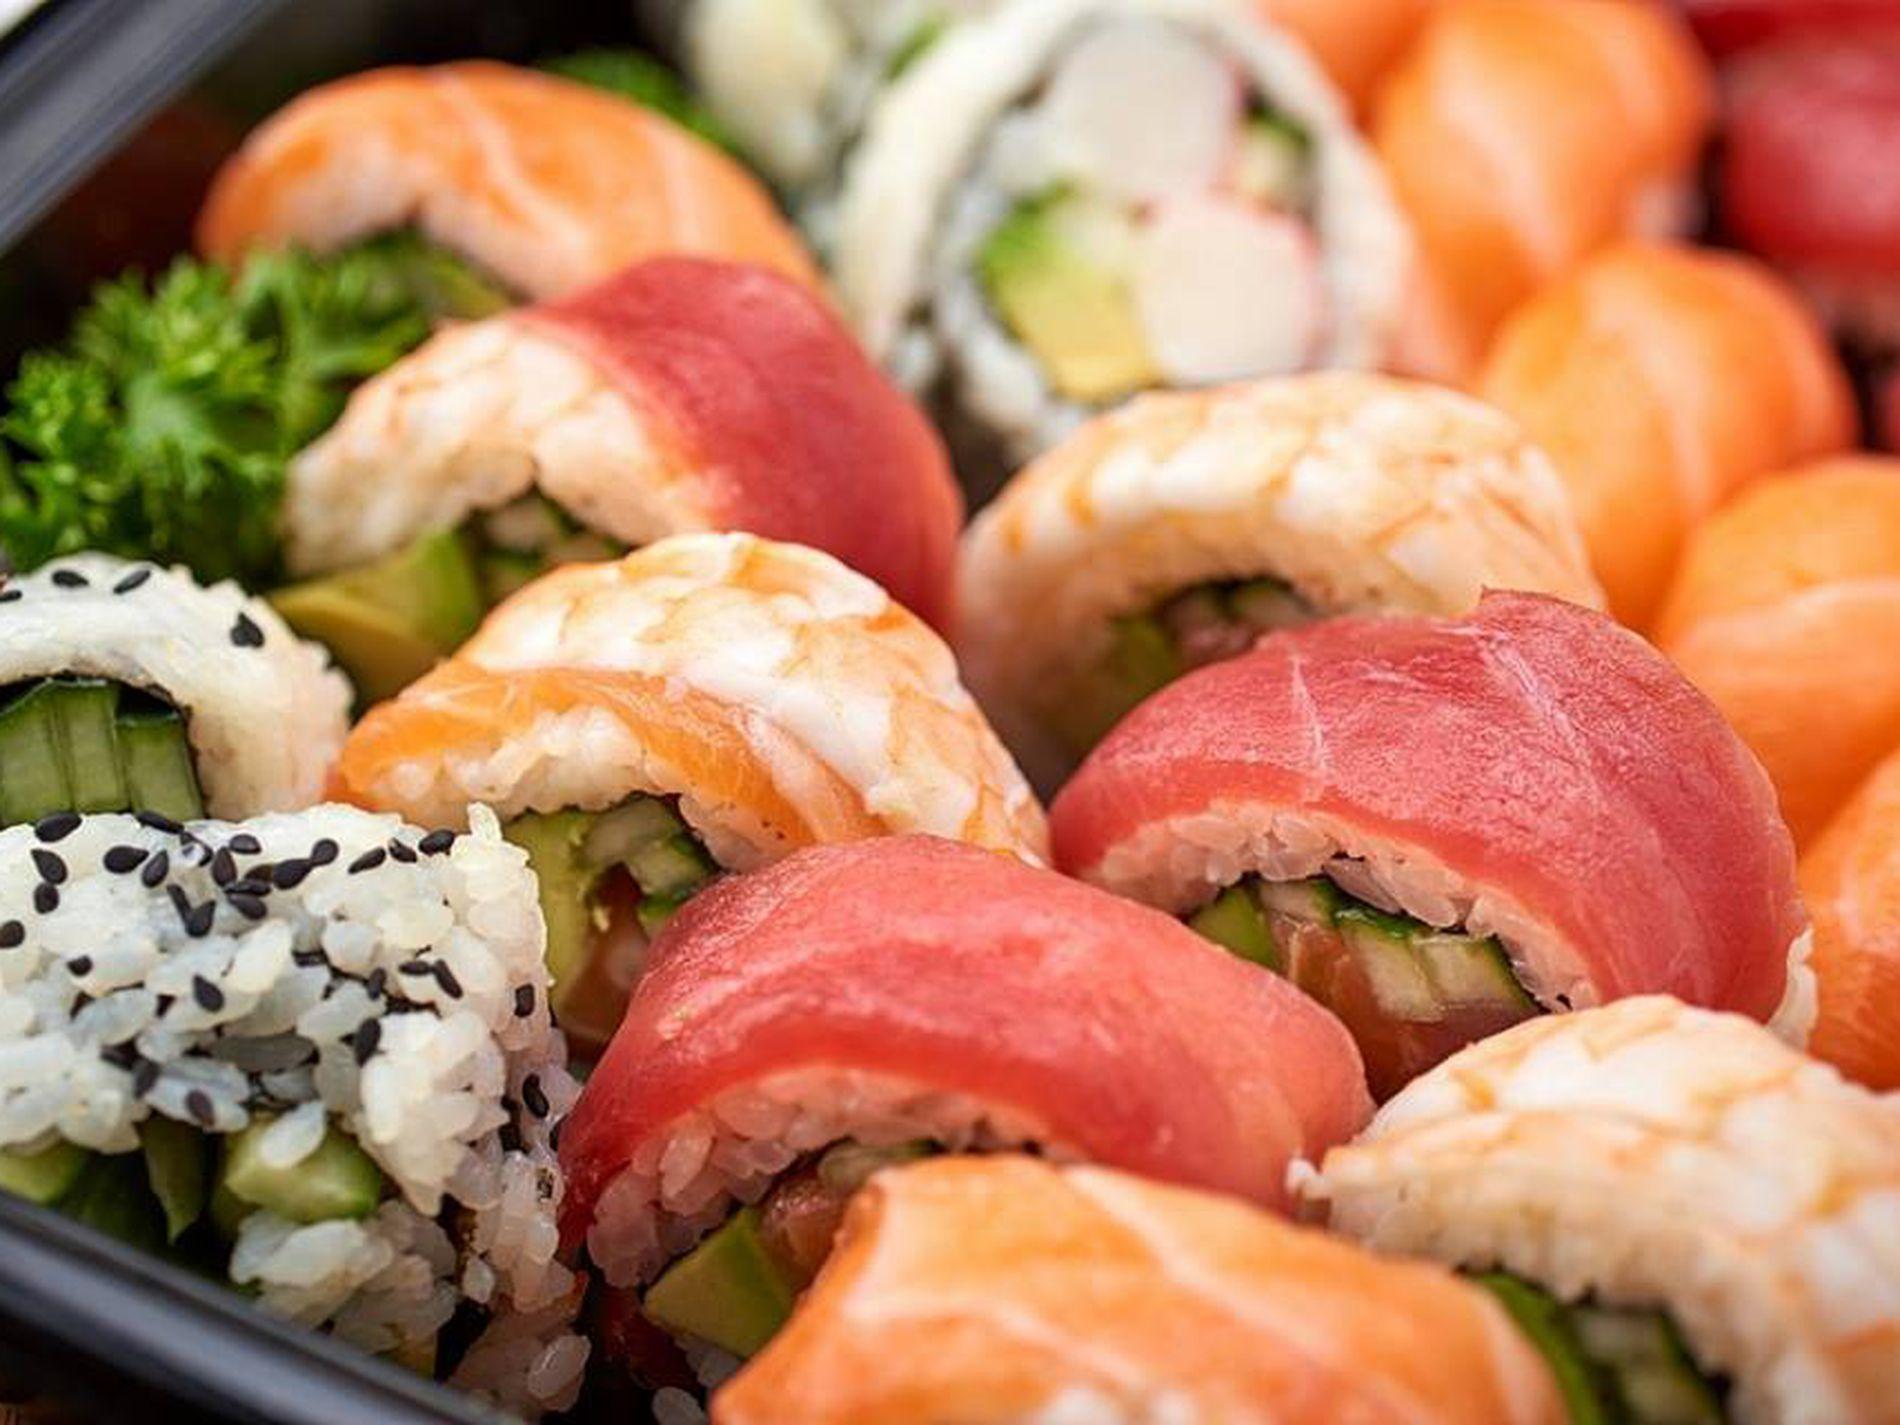 UNDER OFFER - Under Management Japanese Food Franchise Opportunity Melbourne CBD